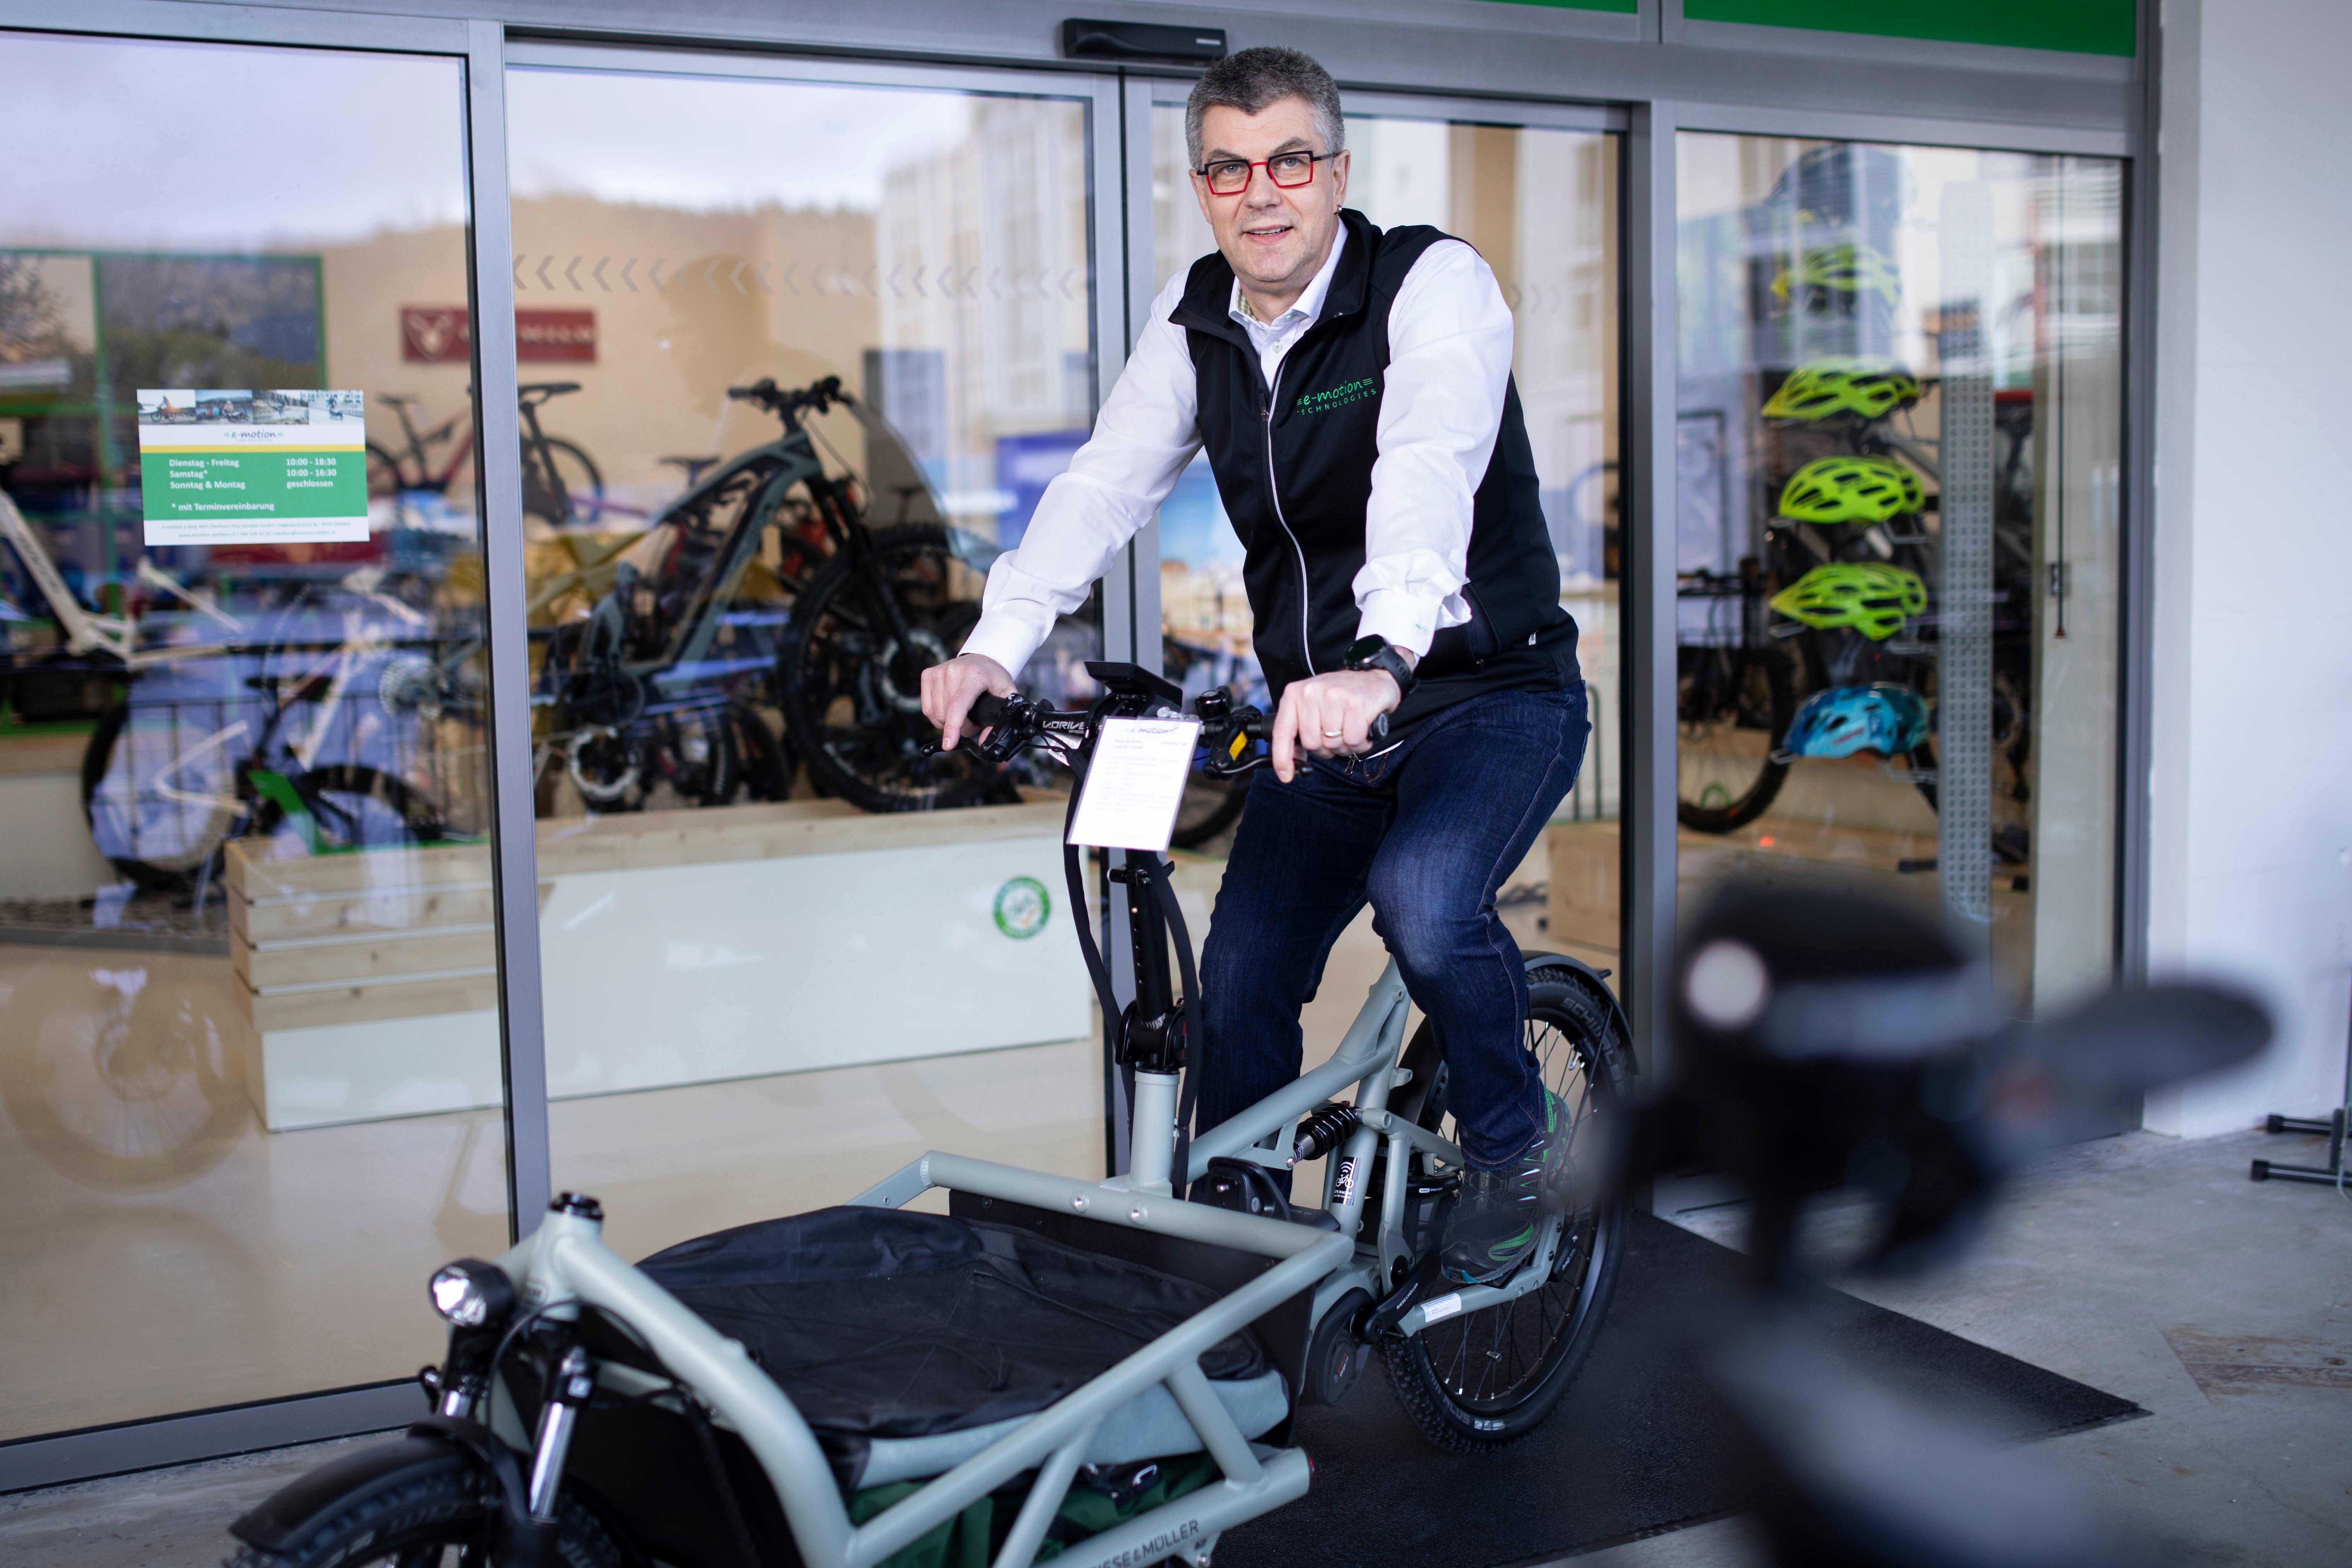 Inhaber Daniel Rey freut sich über den dazugewonnenen Platz am neuen Standort des E-Bike-Geschäfts.